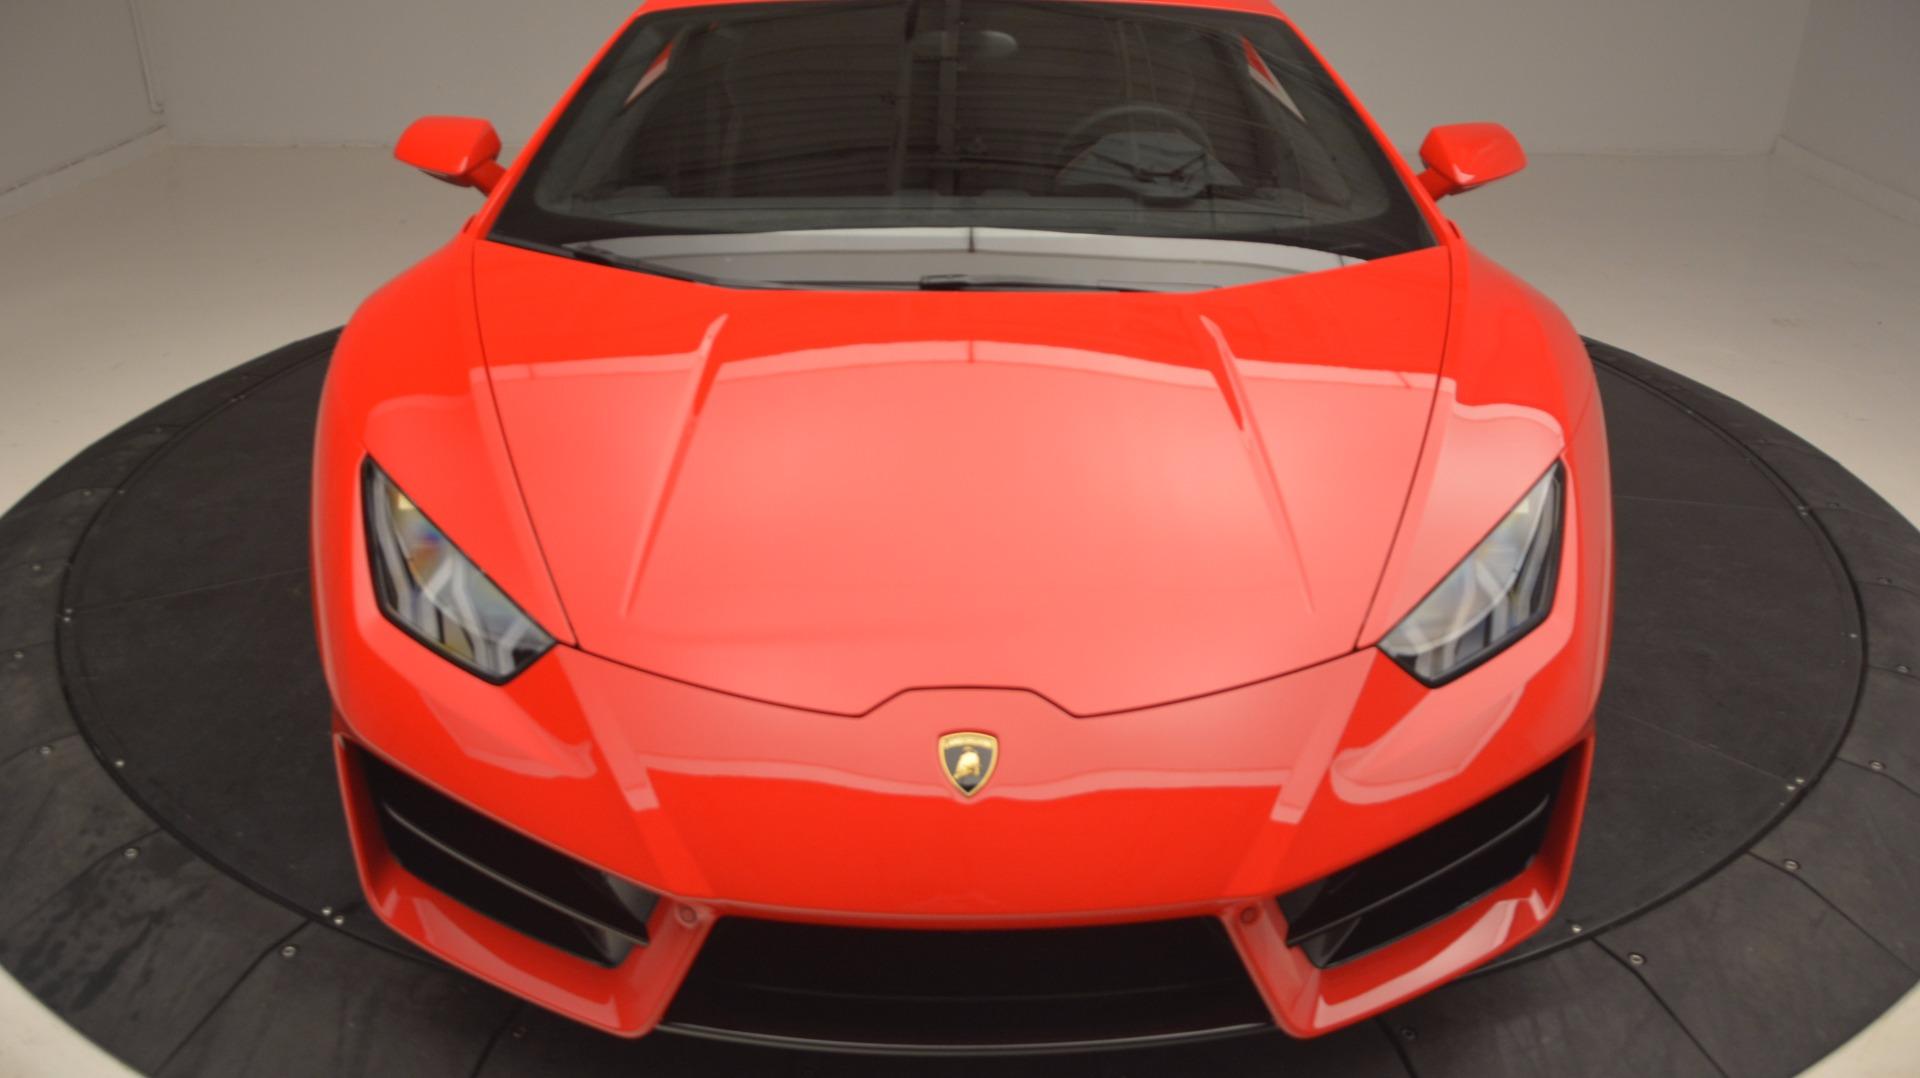 Used 2016 Lamborghini Huracan LP 580-2 For Sale In Westport, CT 1070_p13